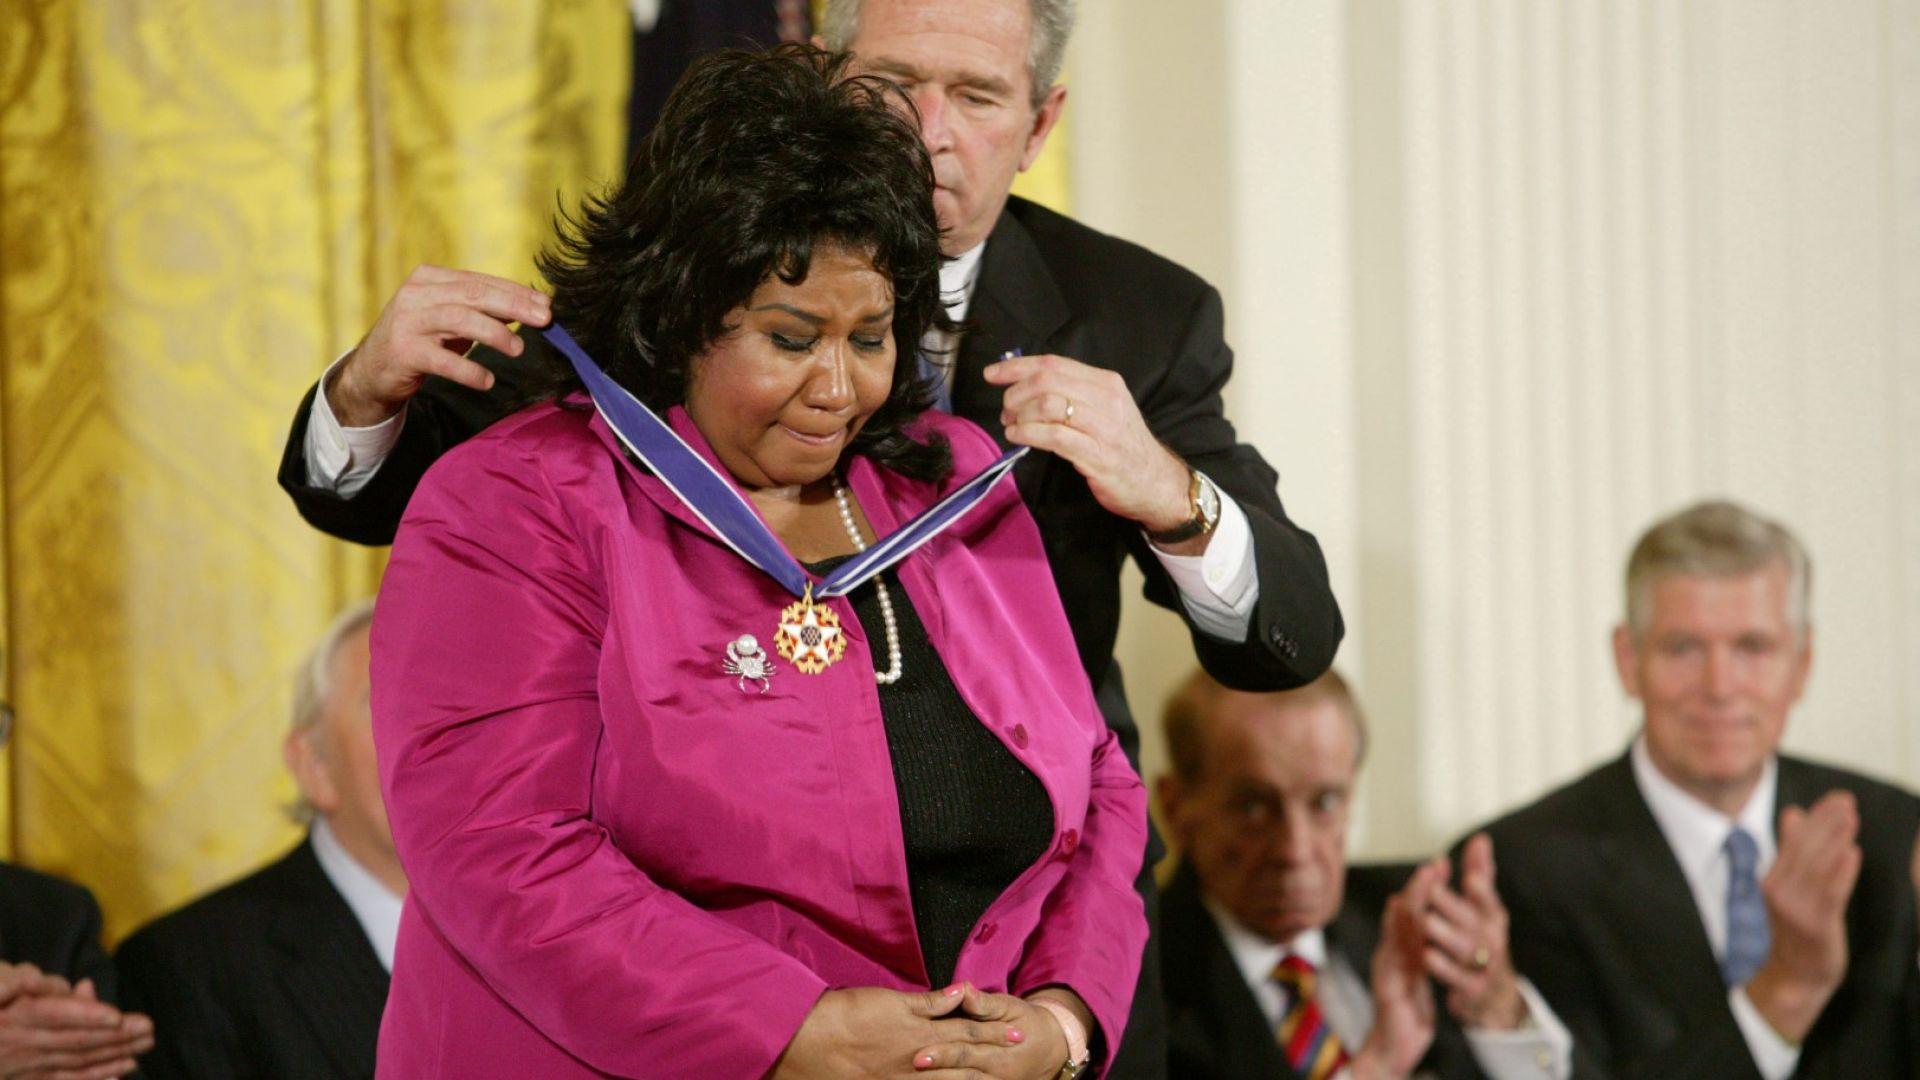 Арета Франклин получи почетен Пулицър посмъртно